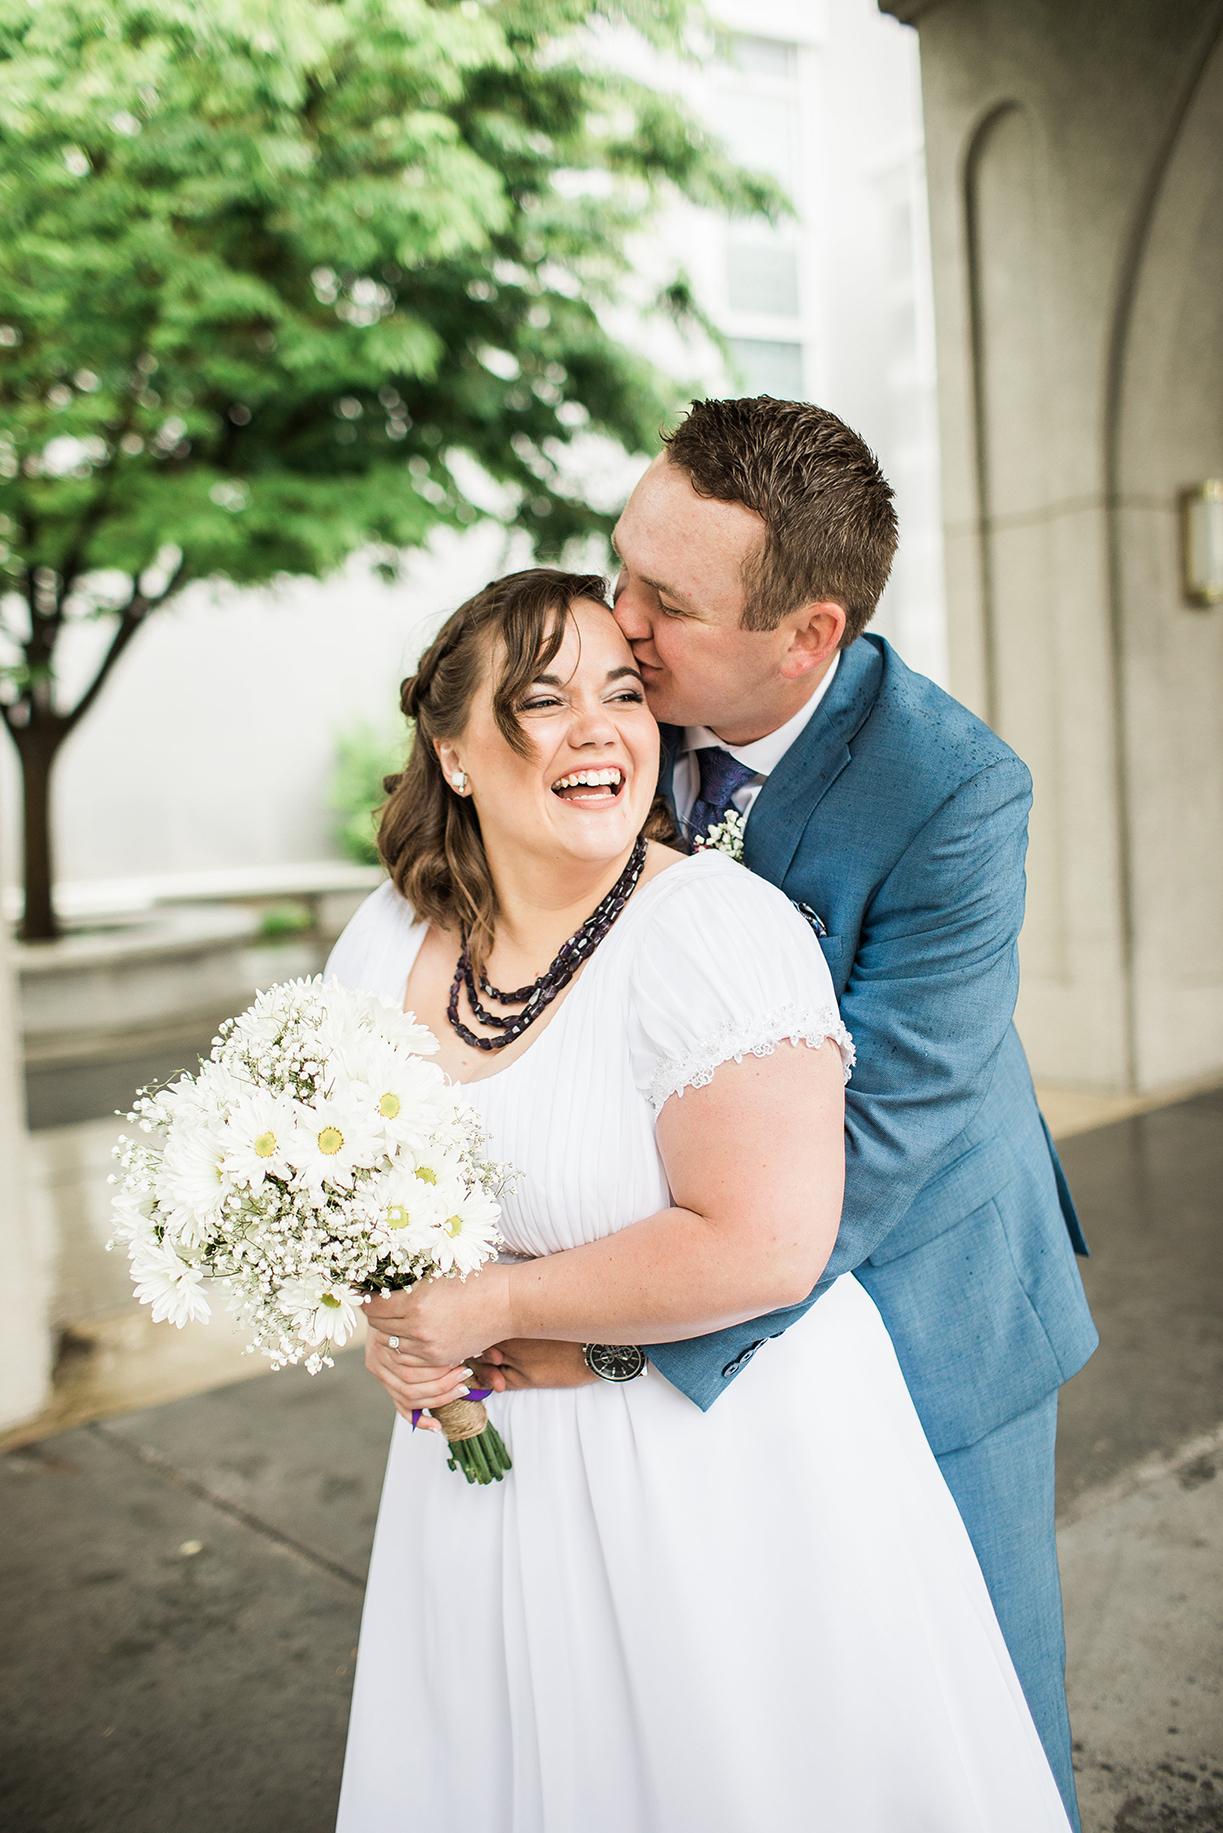 Austill Wedding May 11 2018-print-0032.jpg